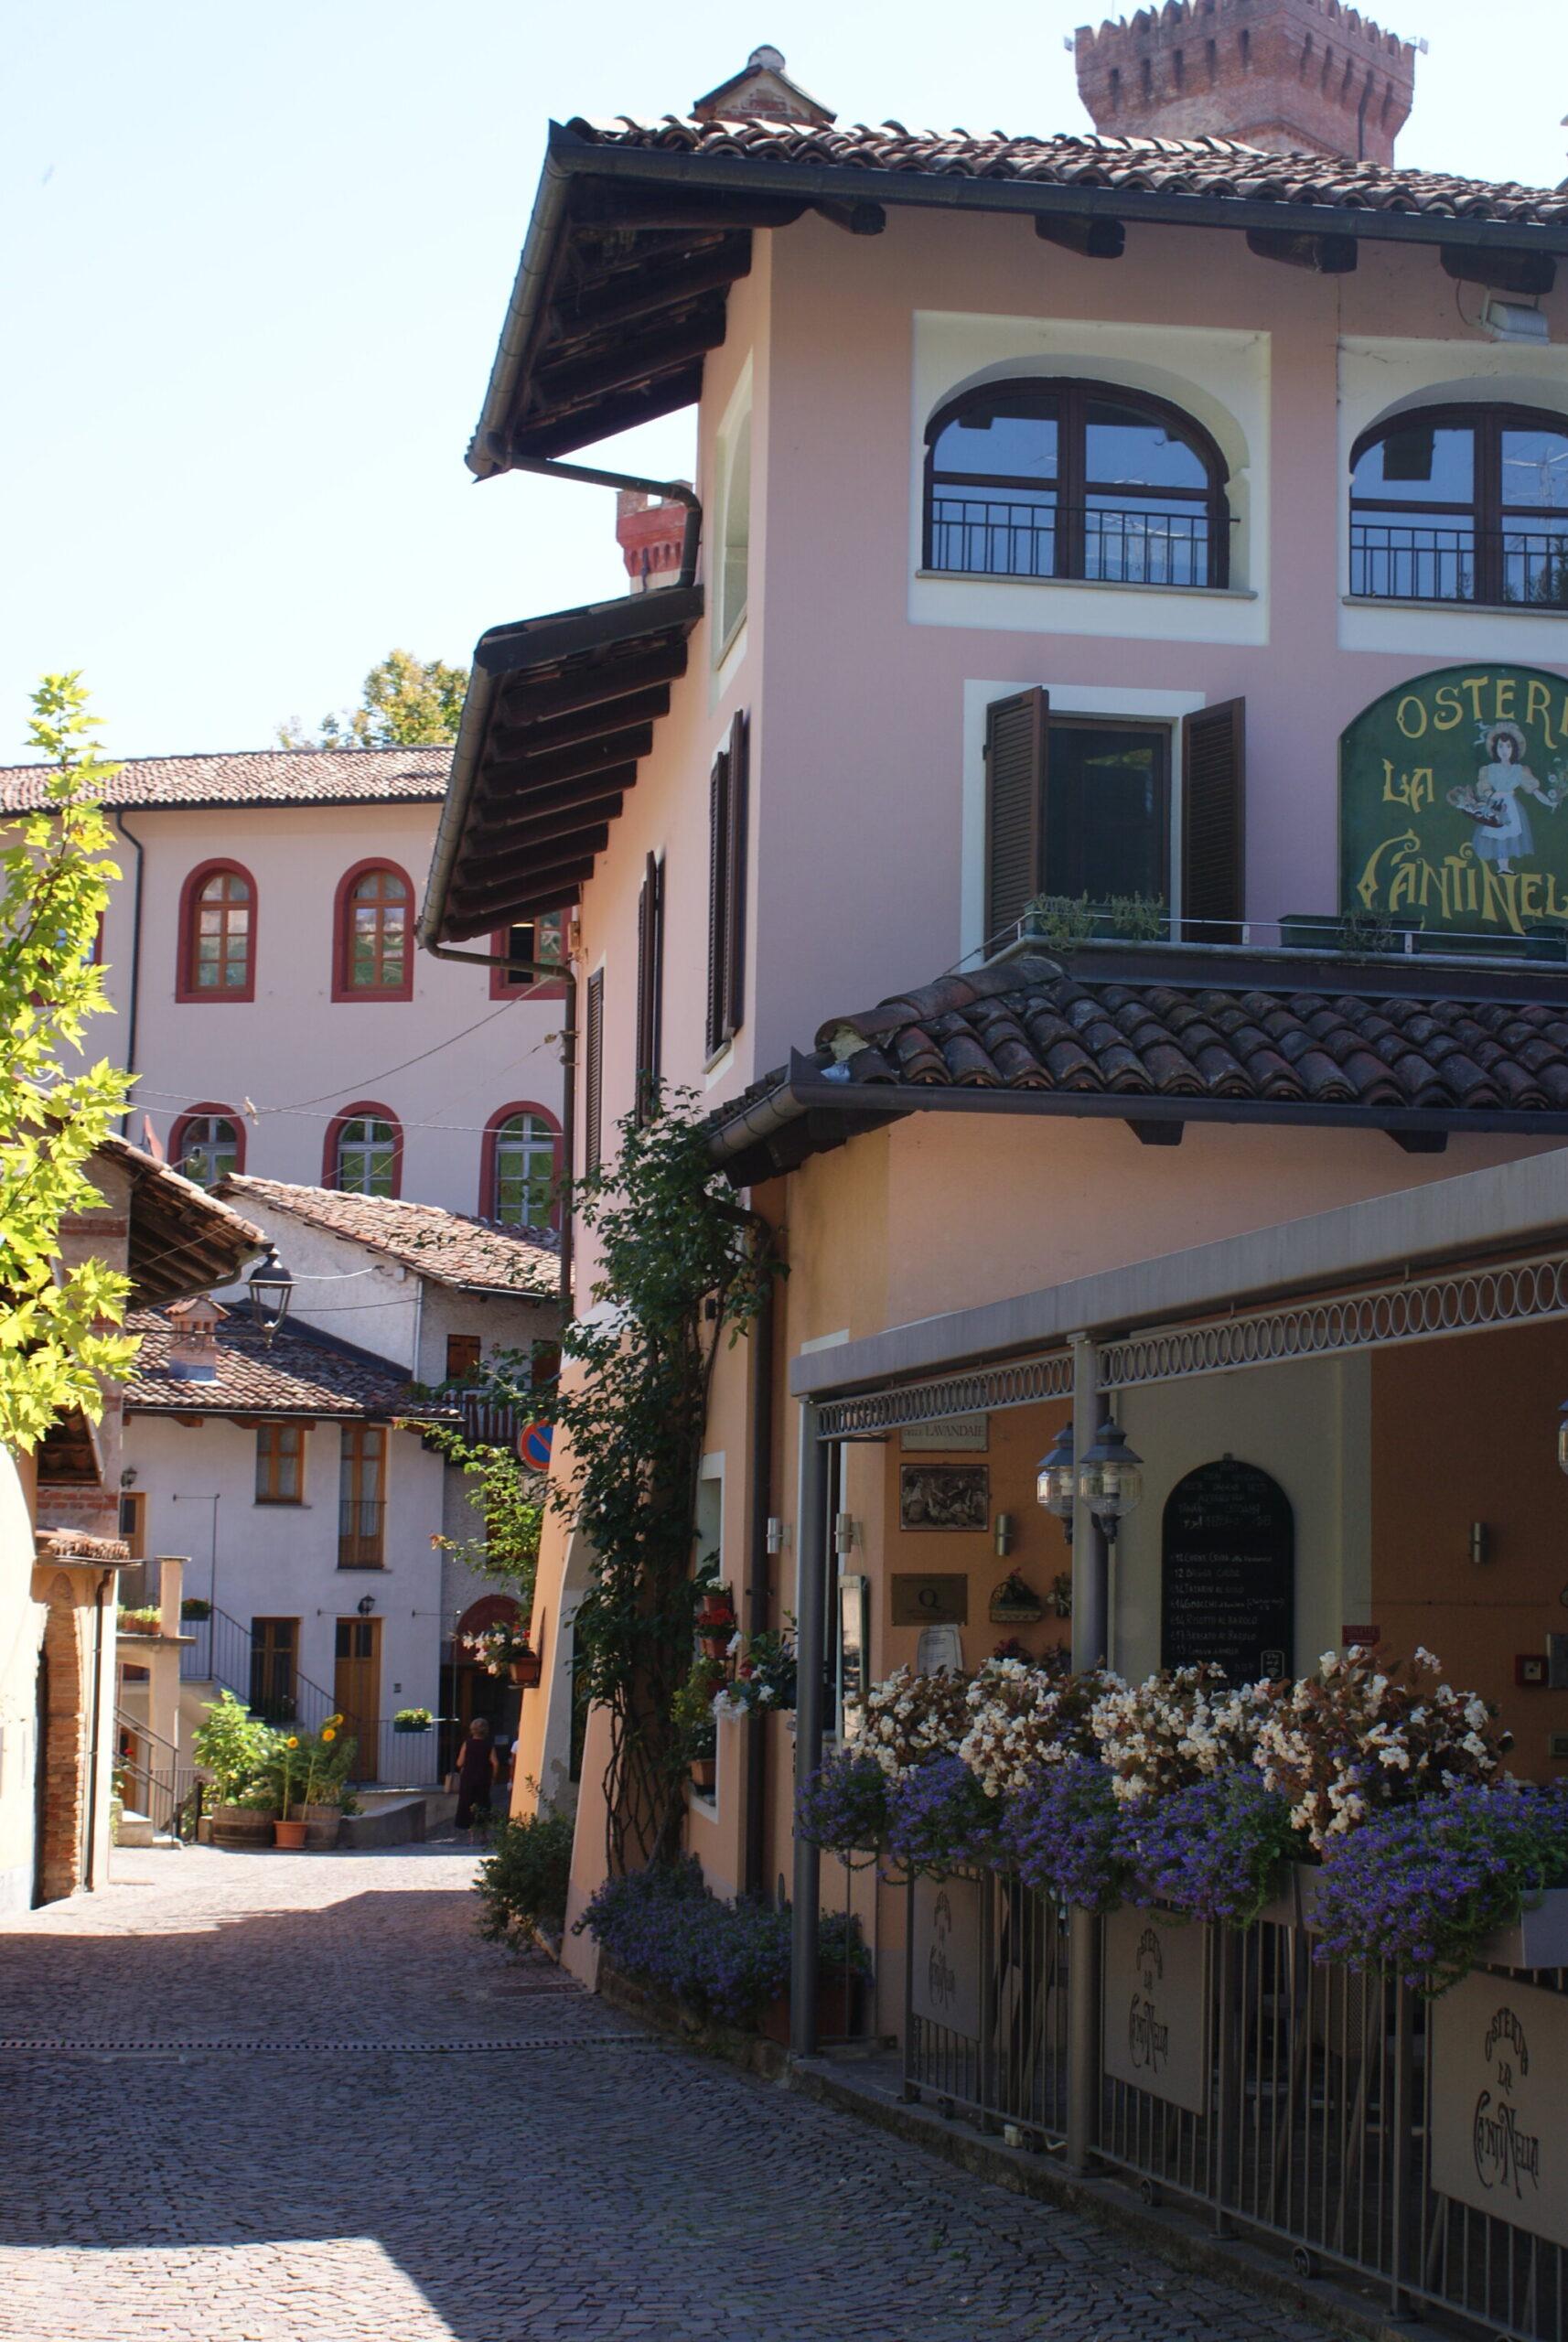 monferrato travel guide piemonte italy piedmont tips eat see do guida viaggio vedere mangiare fare turismo tourism trip francinesplaceblog barolo